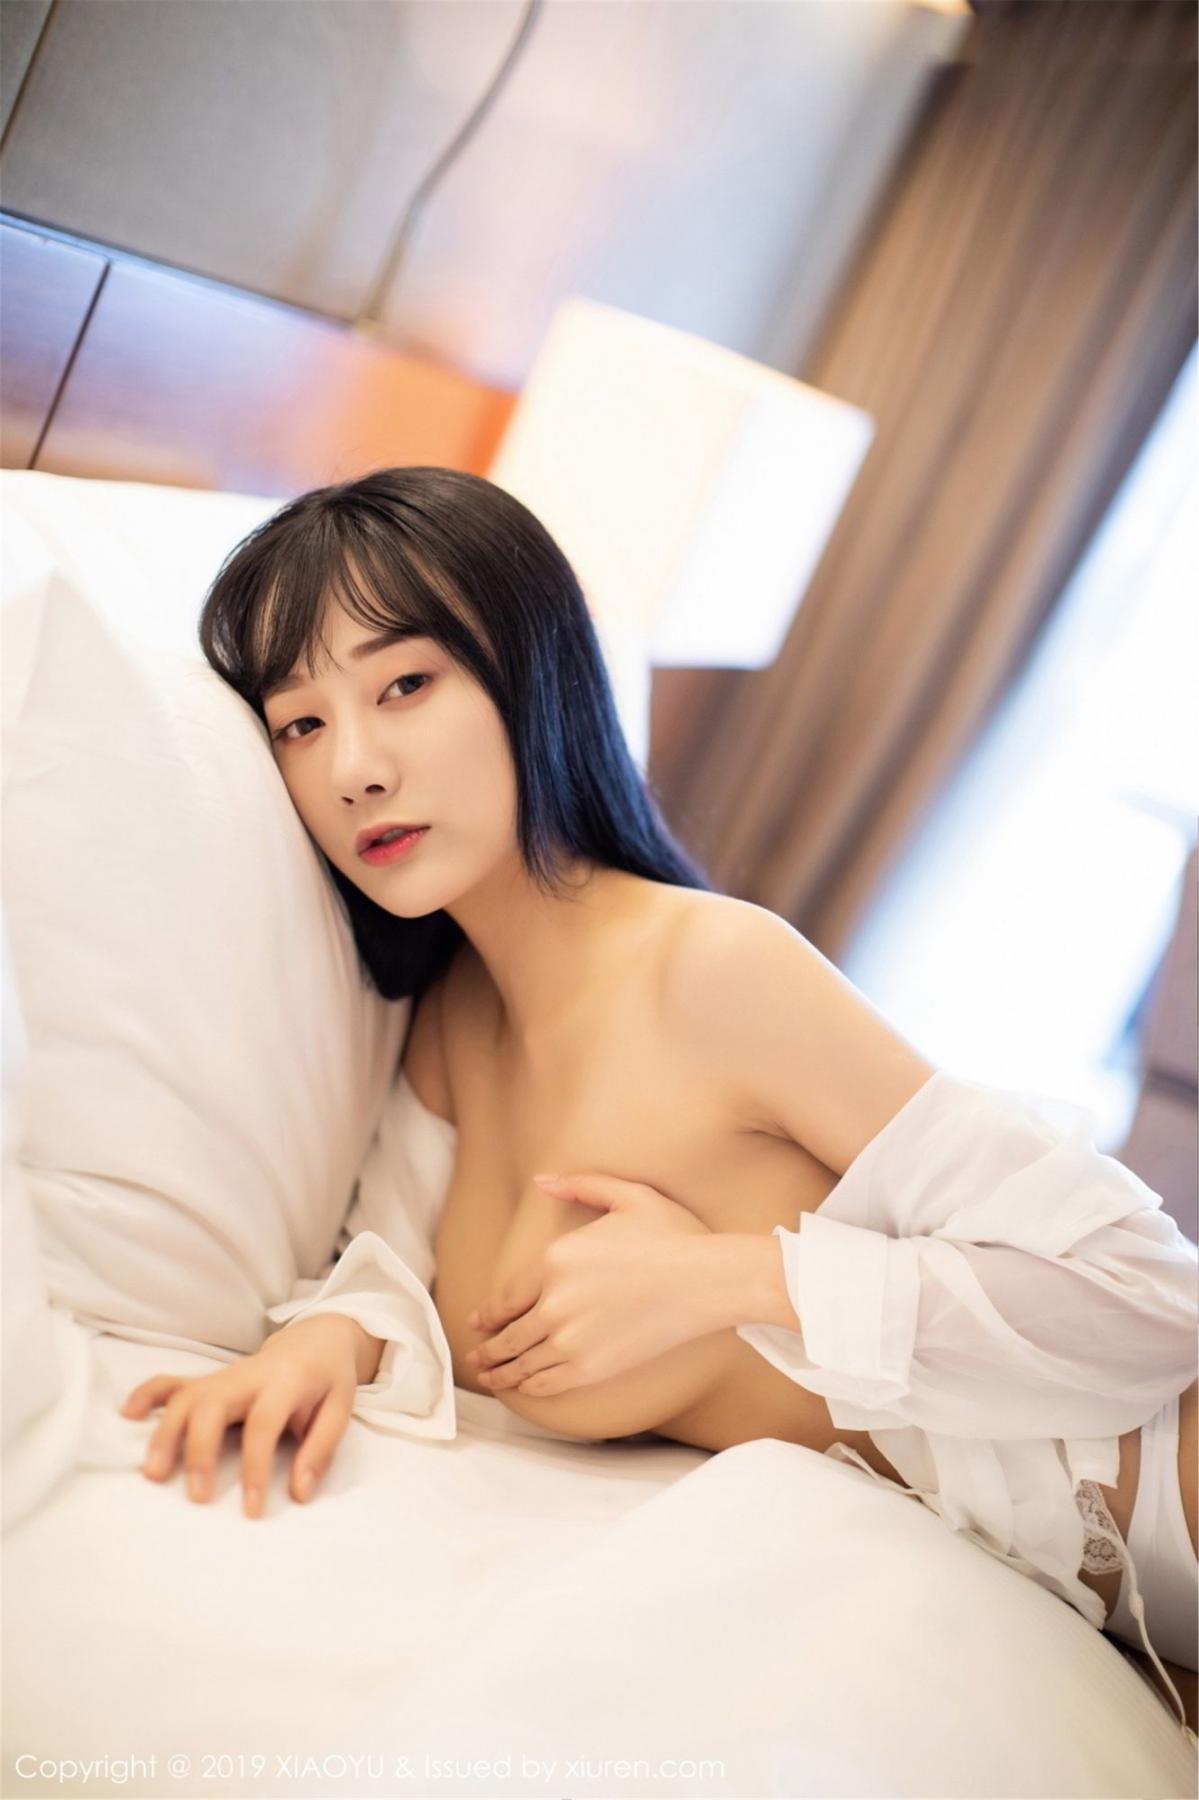 [XiaoYu] Vol.076 He Jia Ying 37P, He Jia Ying, Underwear, XiaoYu